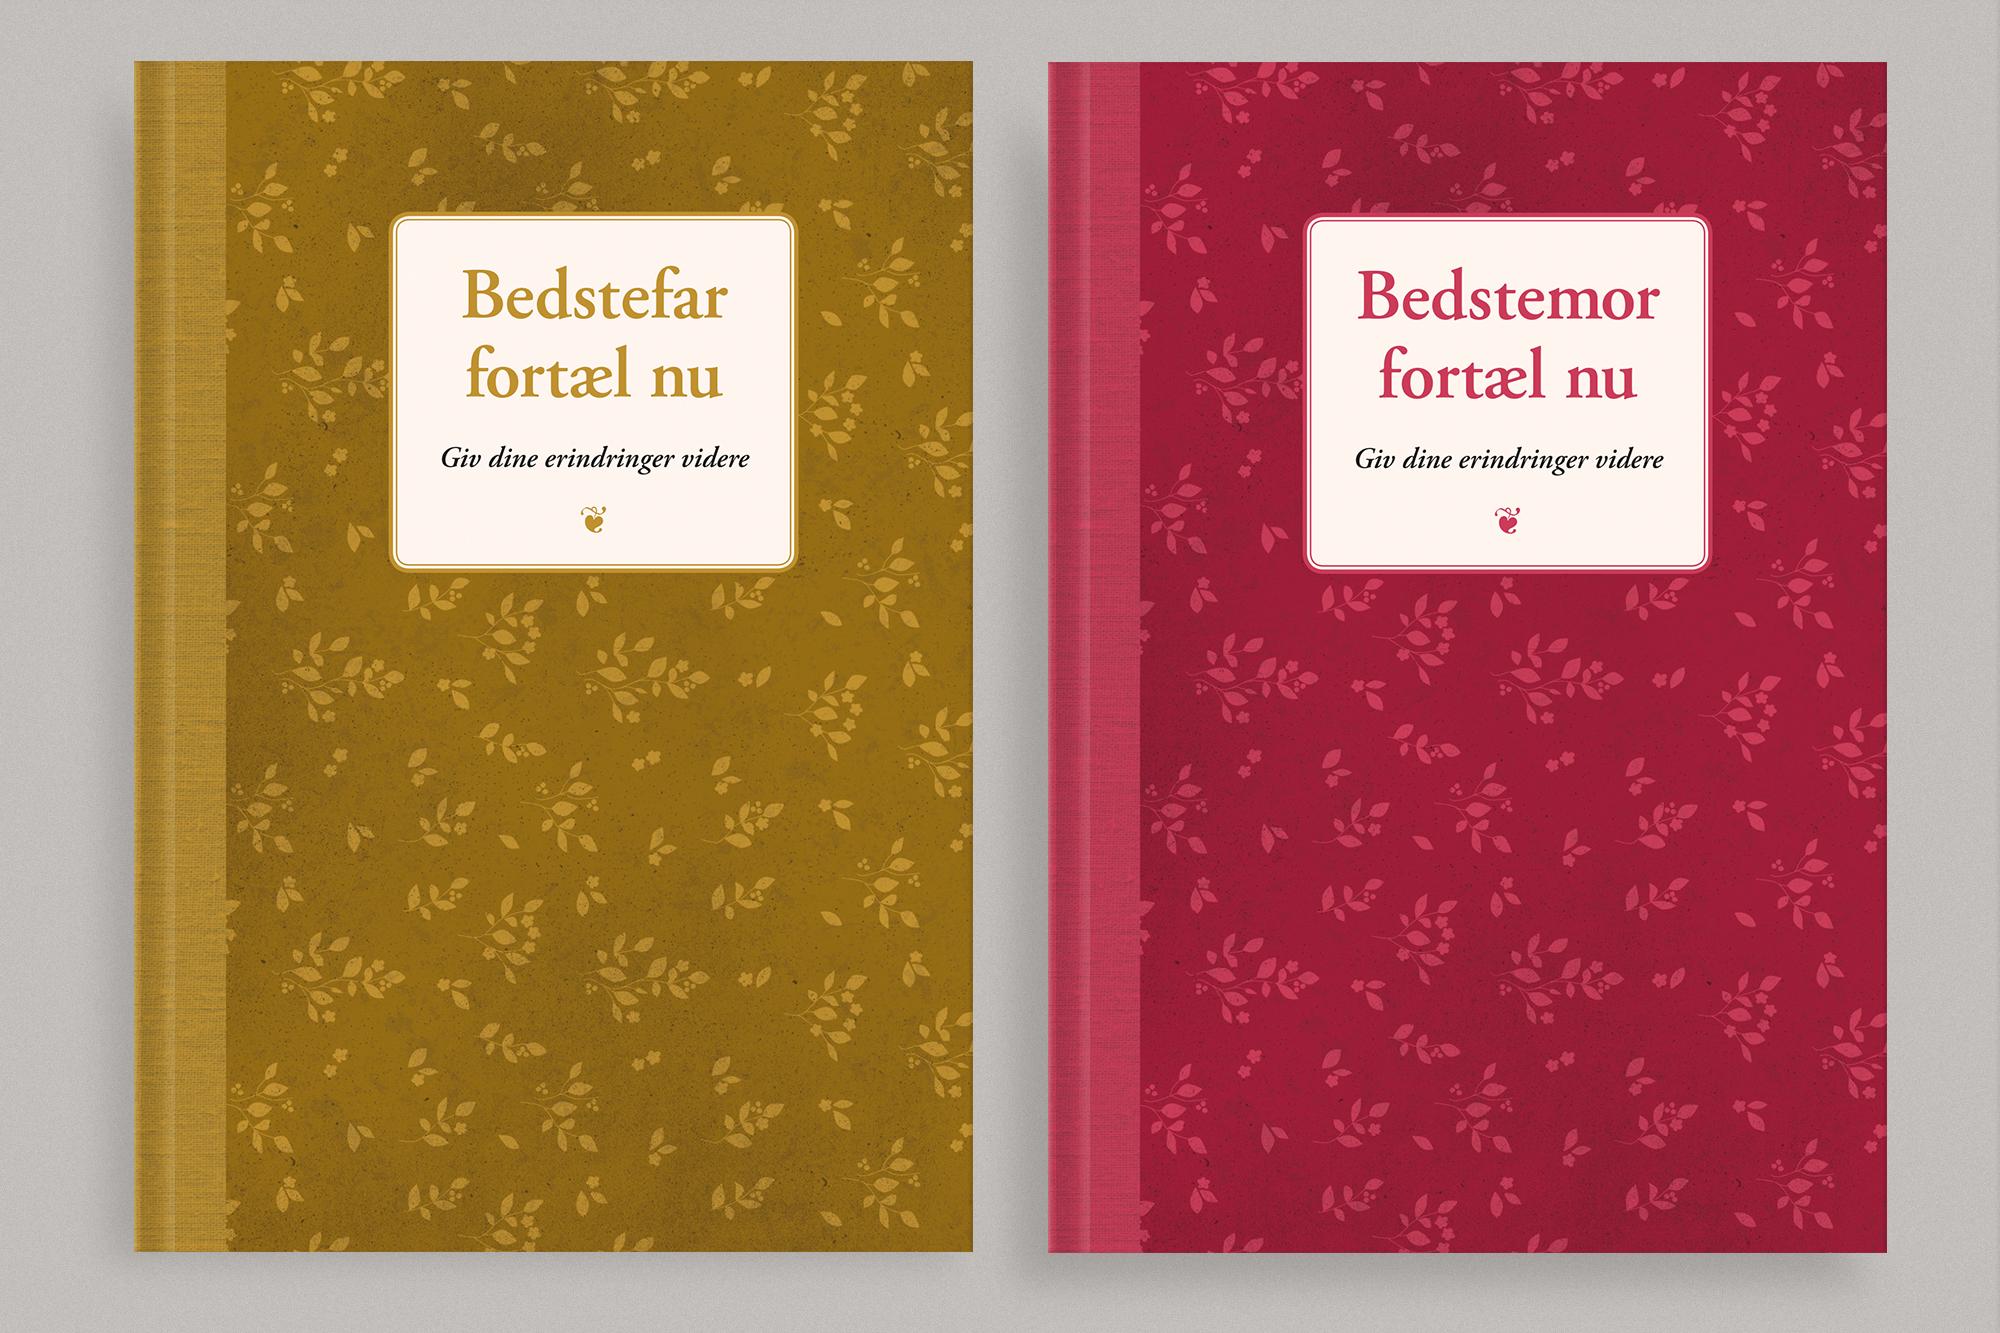 bogdesign-bogtilrettelaegning-bogomslag-grafisk-malene-hald16